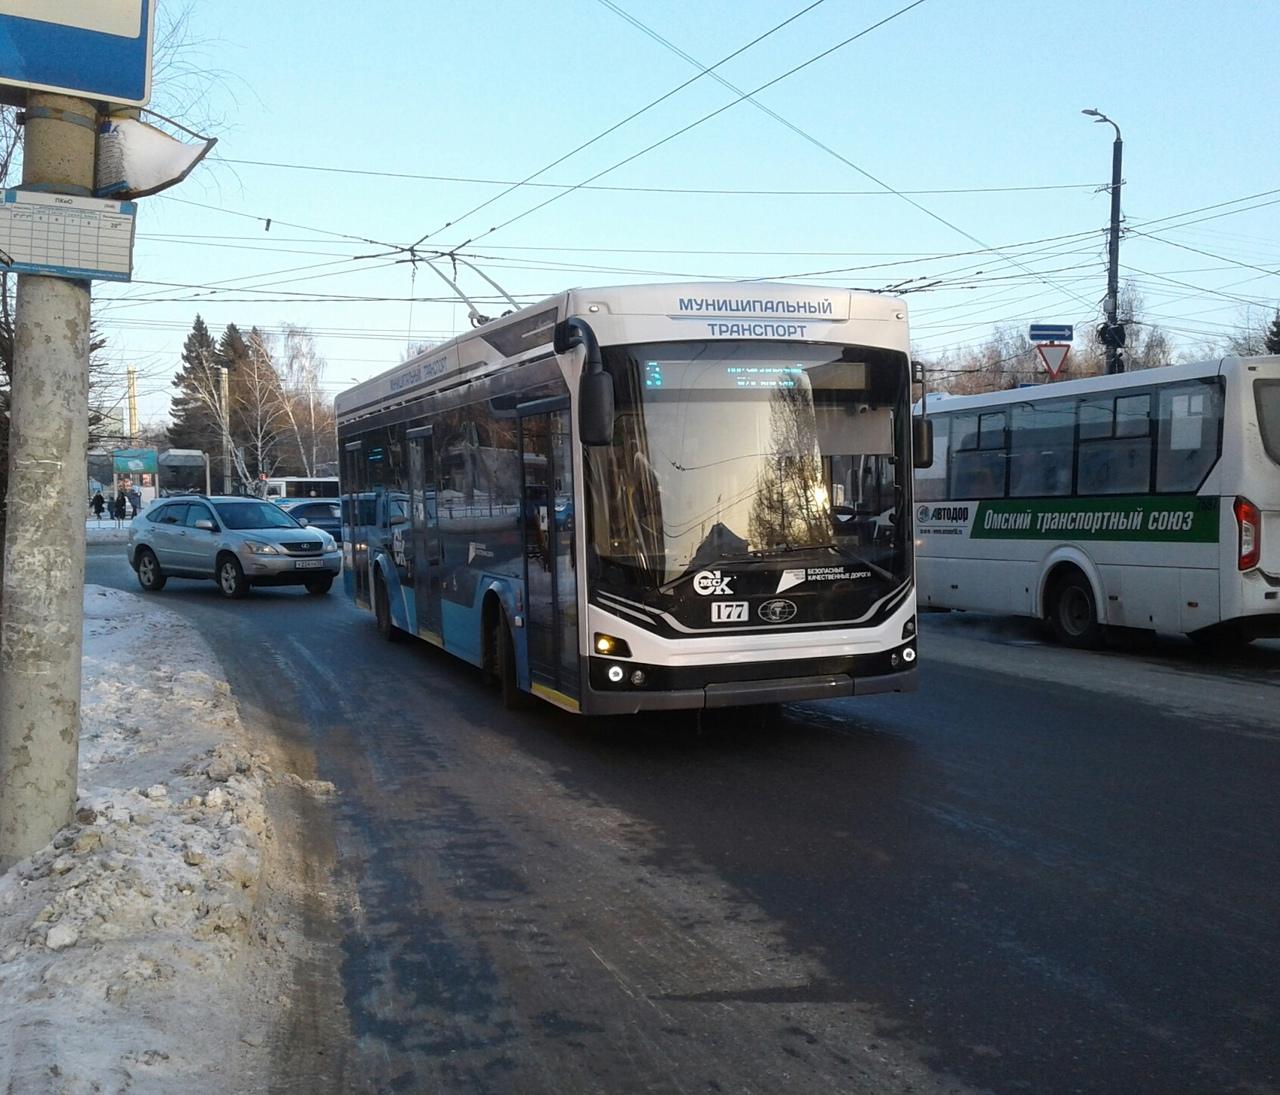 Завтра в Омске начнет работать еще один магистральный маршрут #Омск #Общество #Сегодня